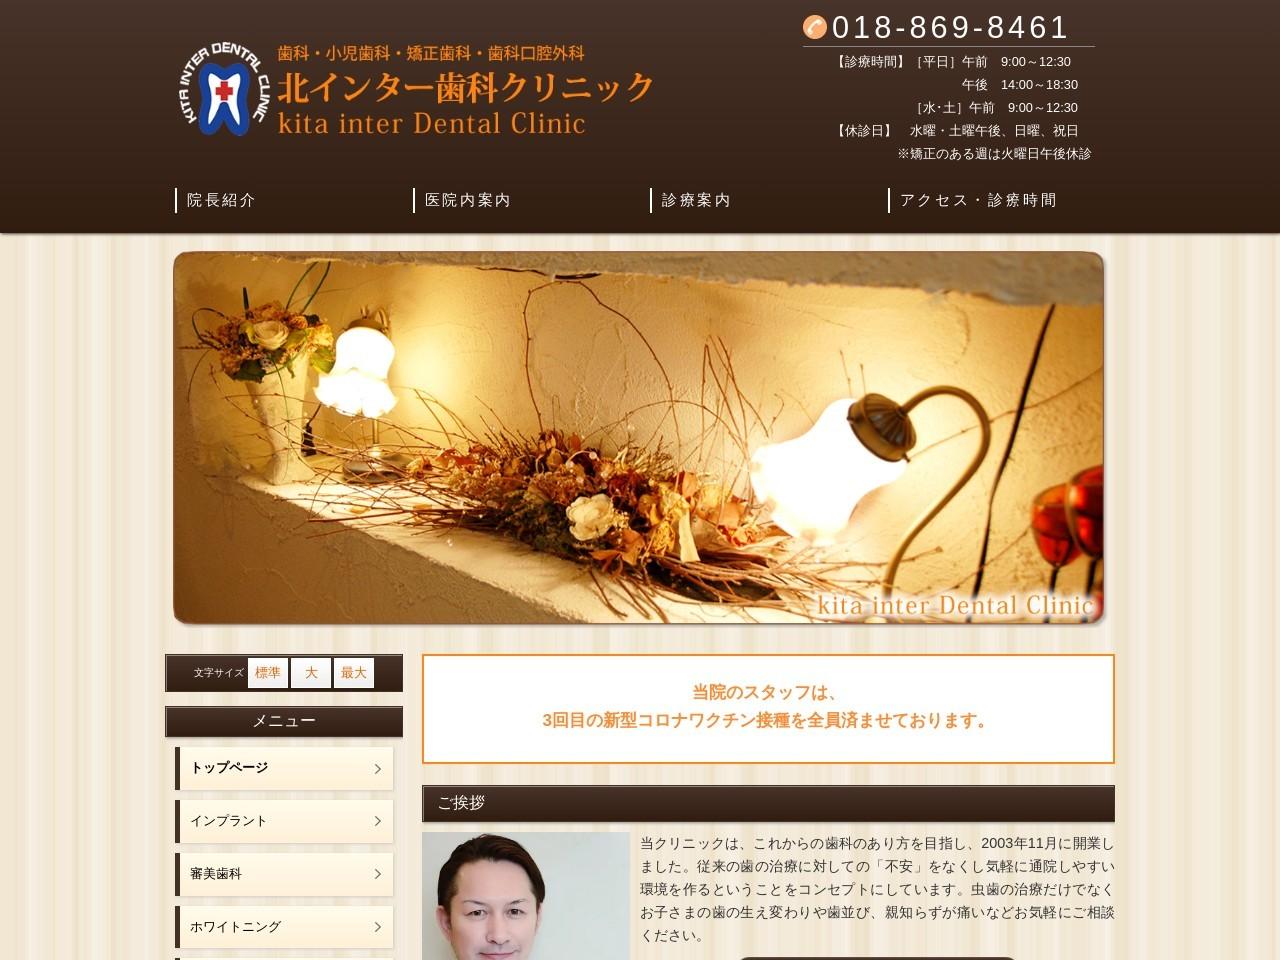 北インター歯科クリニック (秋田県秋田市)